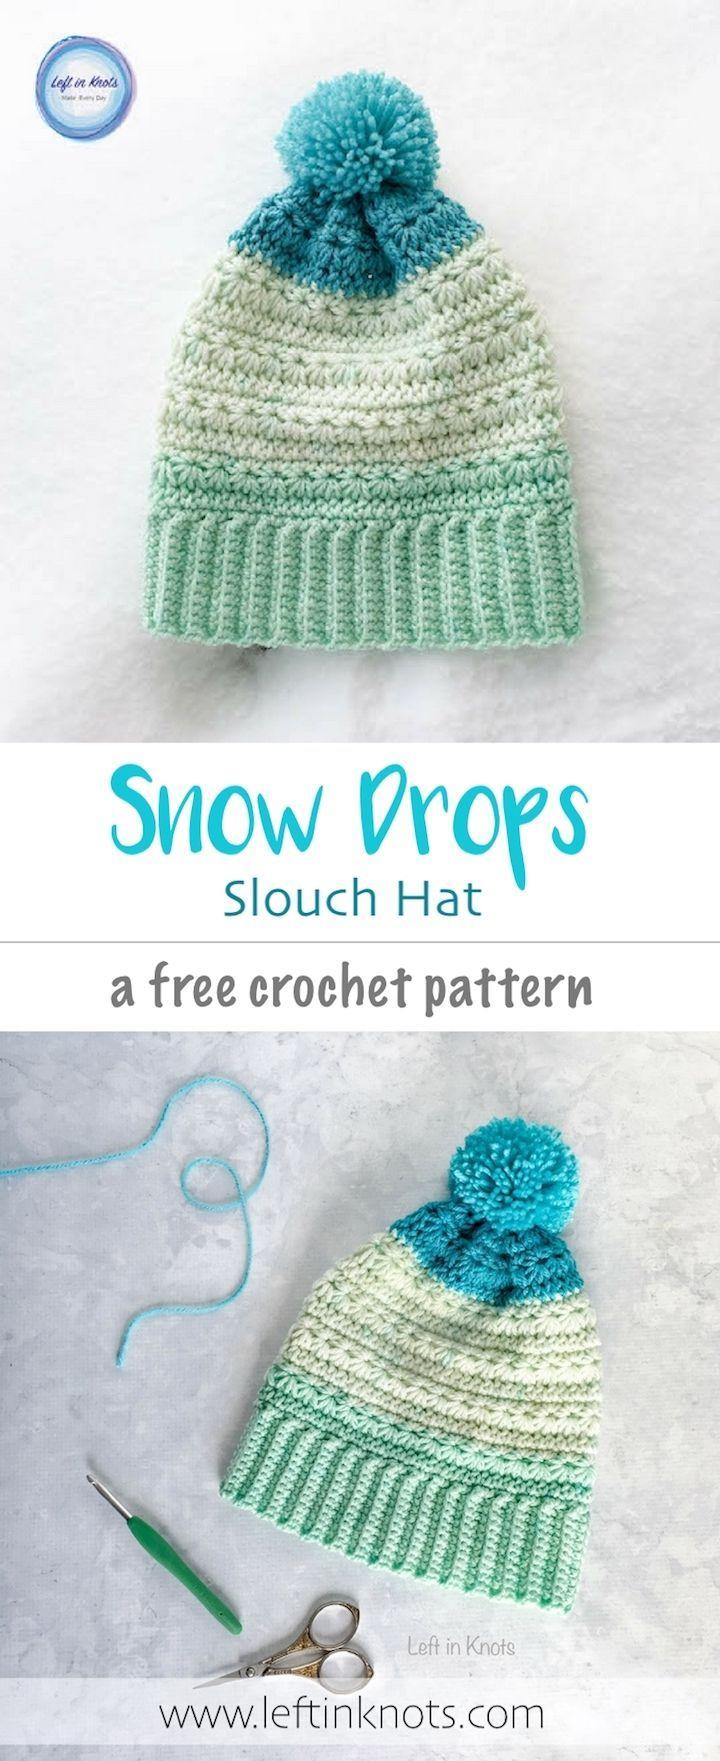 Snow Drops Slouch Hat Free Crochet Pattern